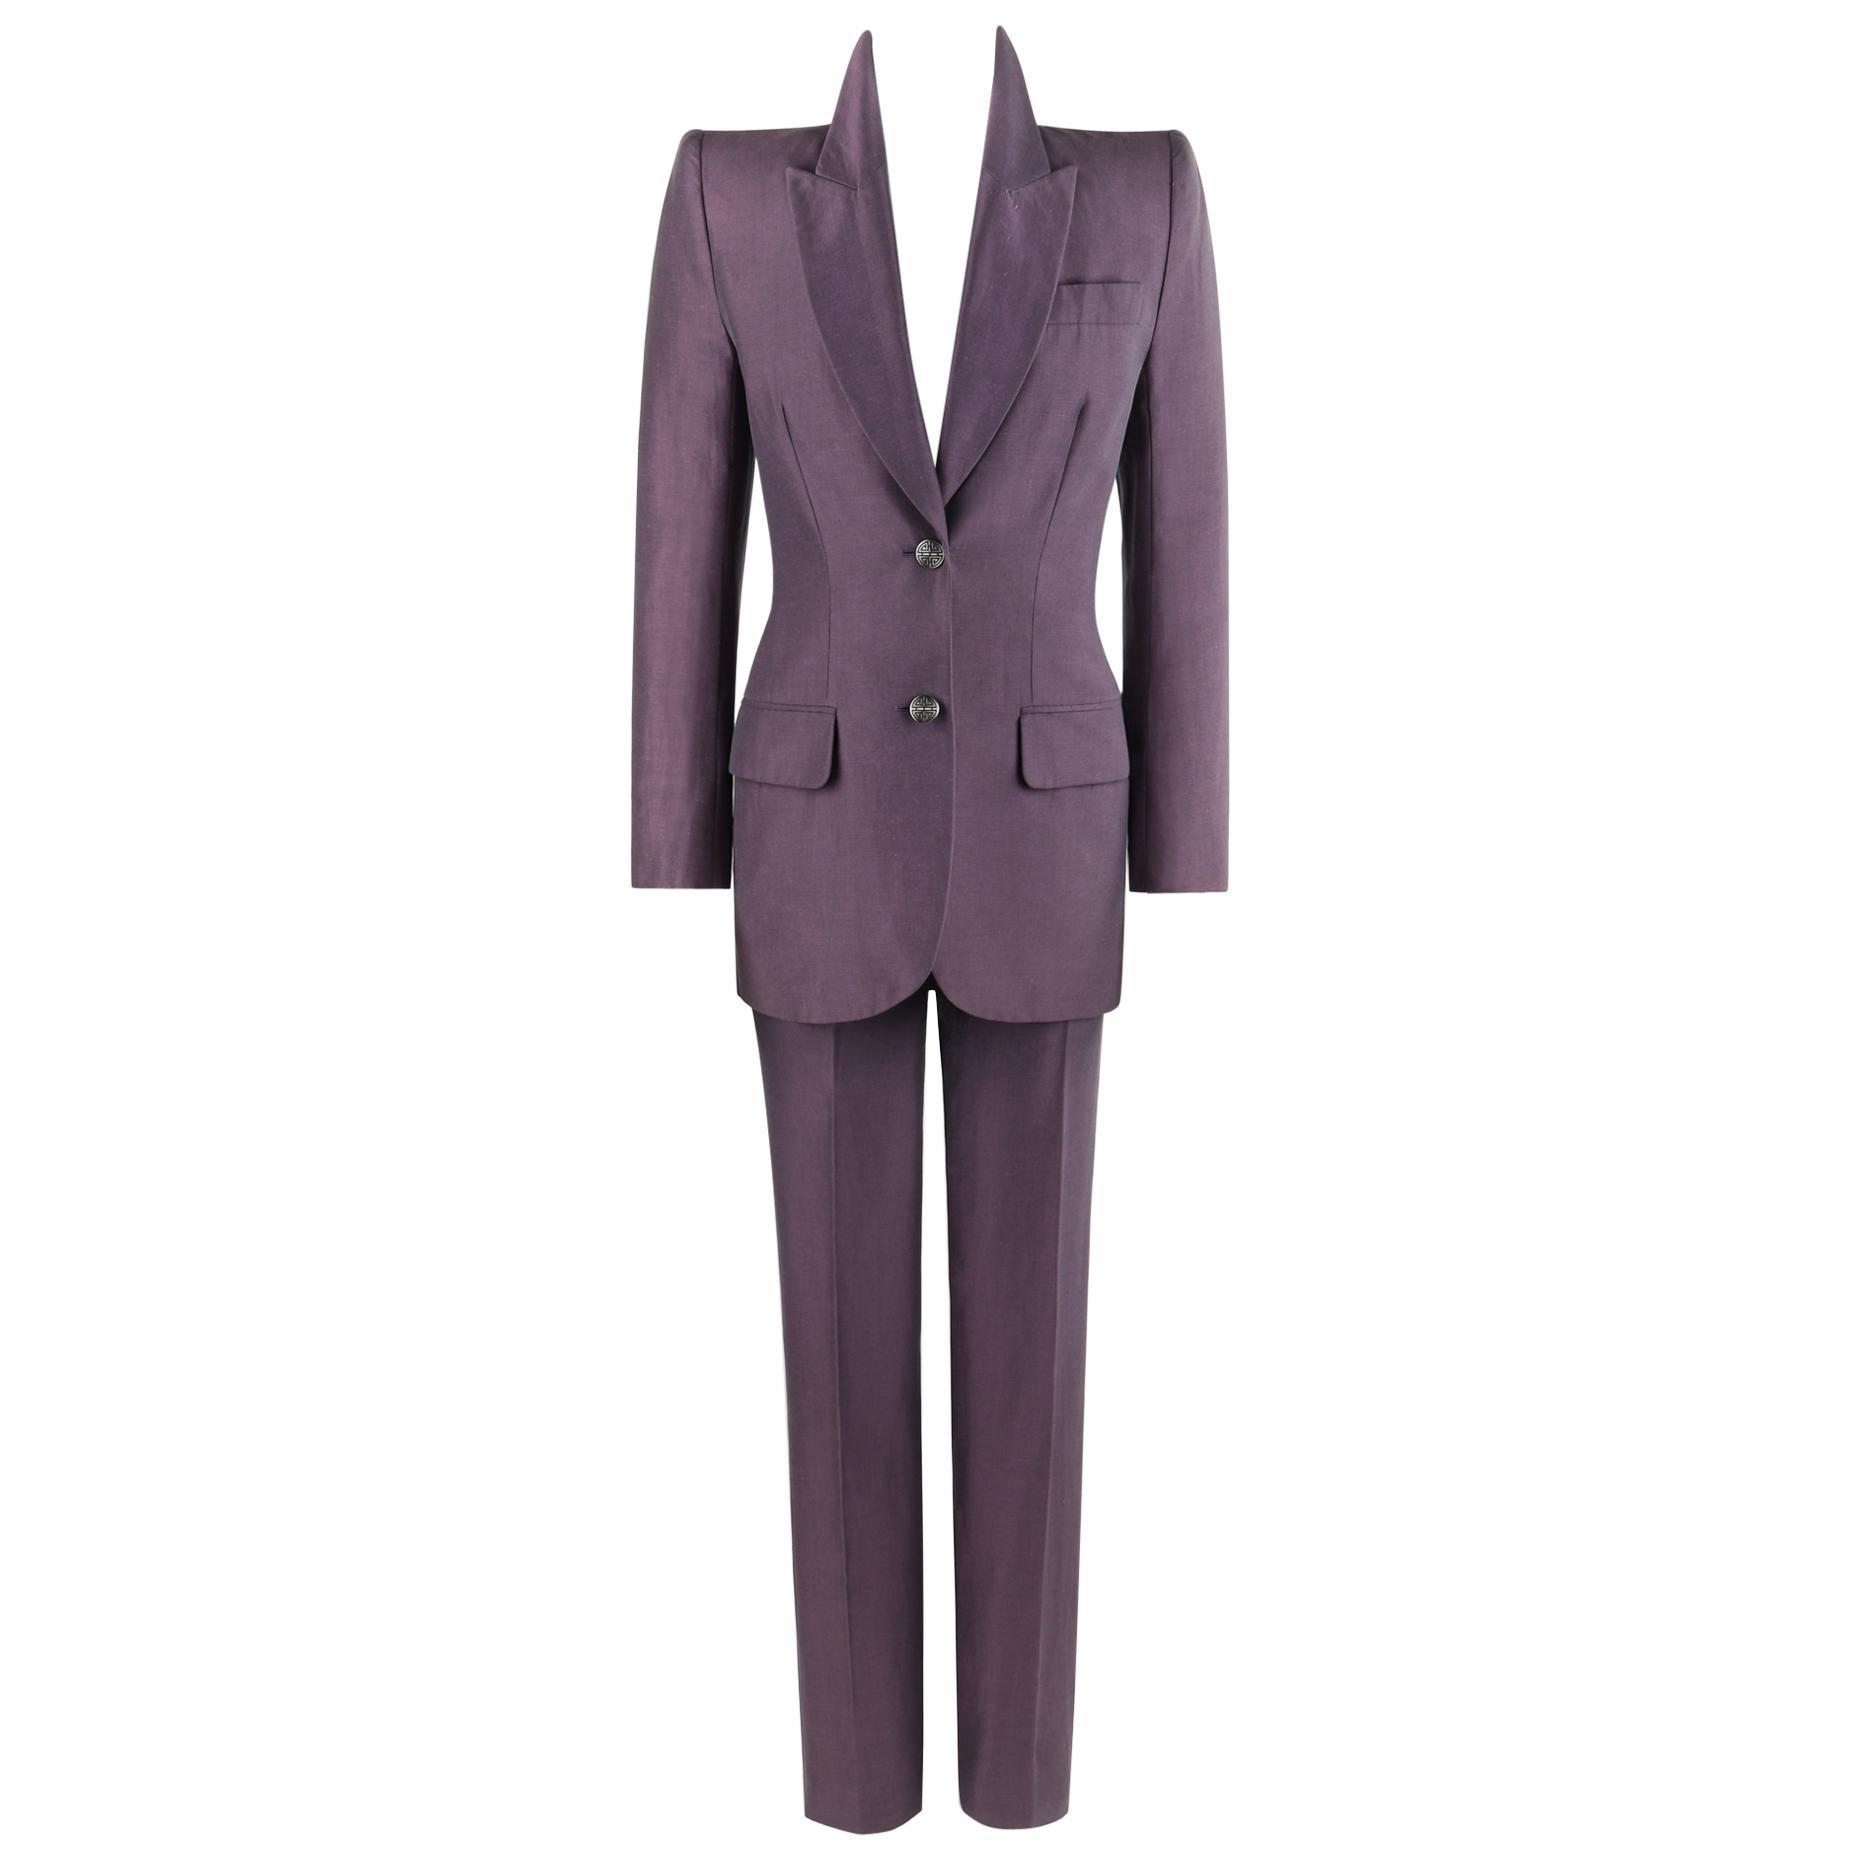 GIVENCHY Couture S/S 1999 ALEXANDER McQUEEN Purple Blazer Jacket Pant Suit Set